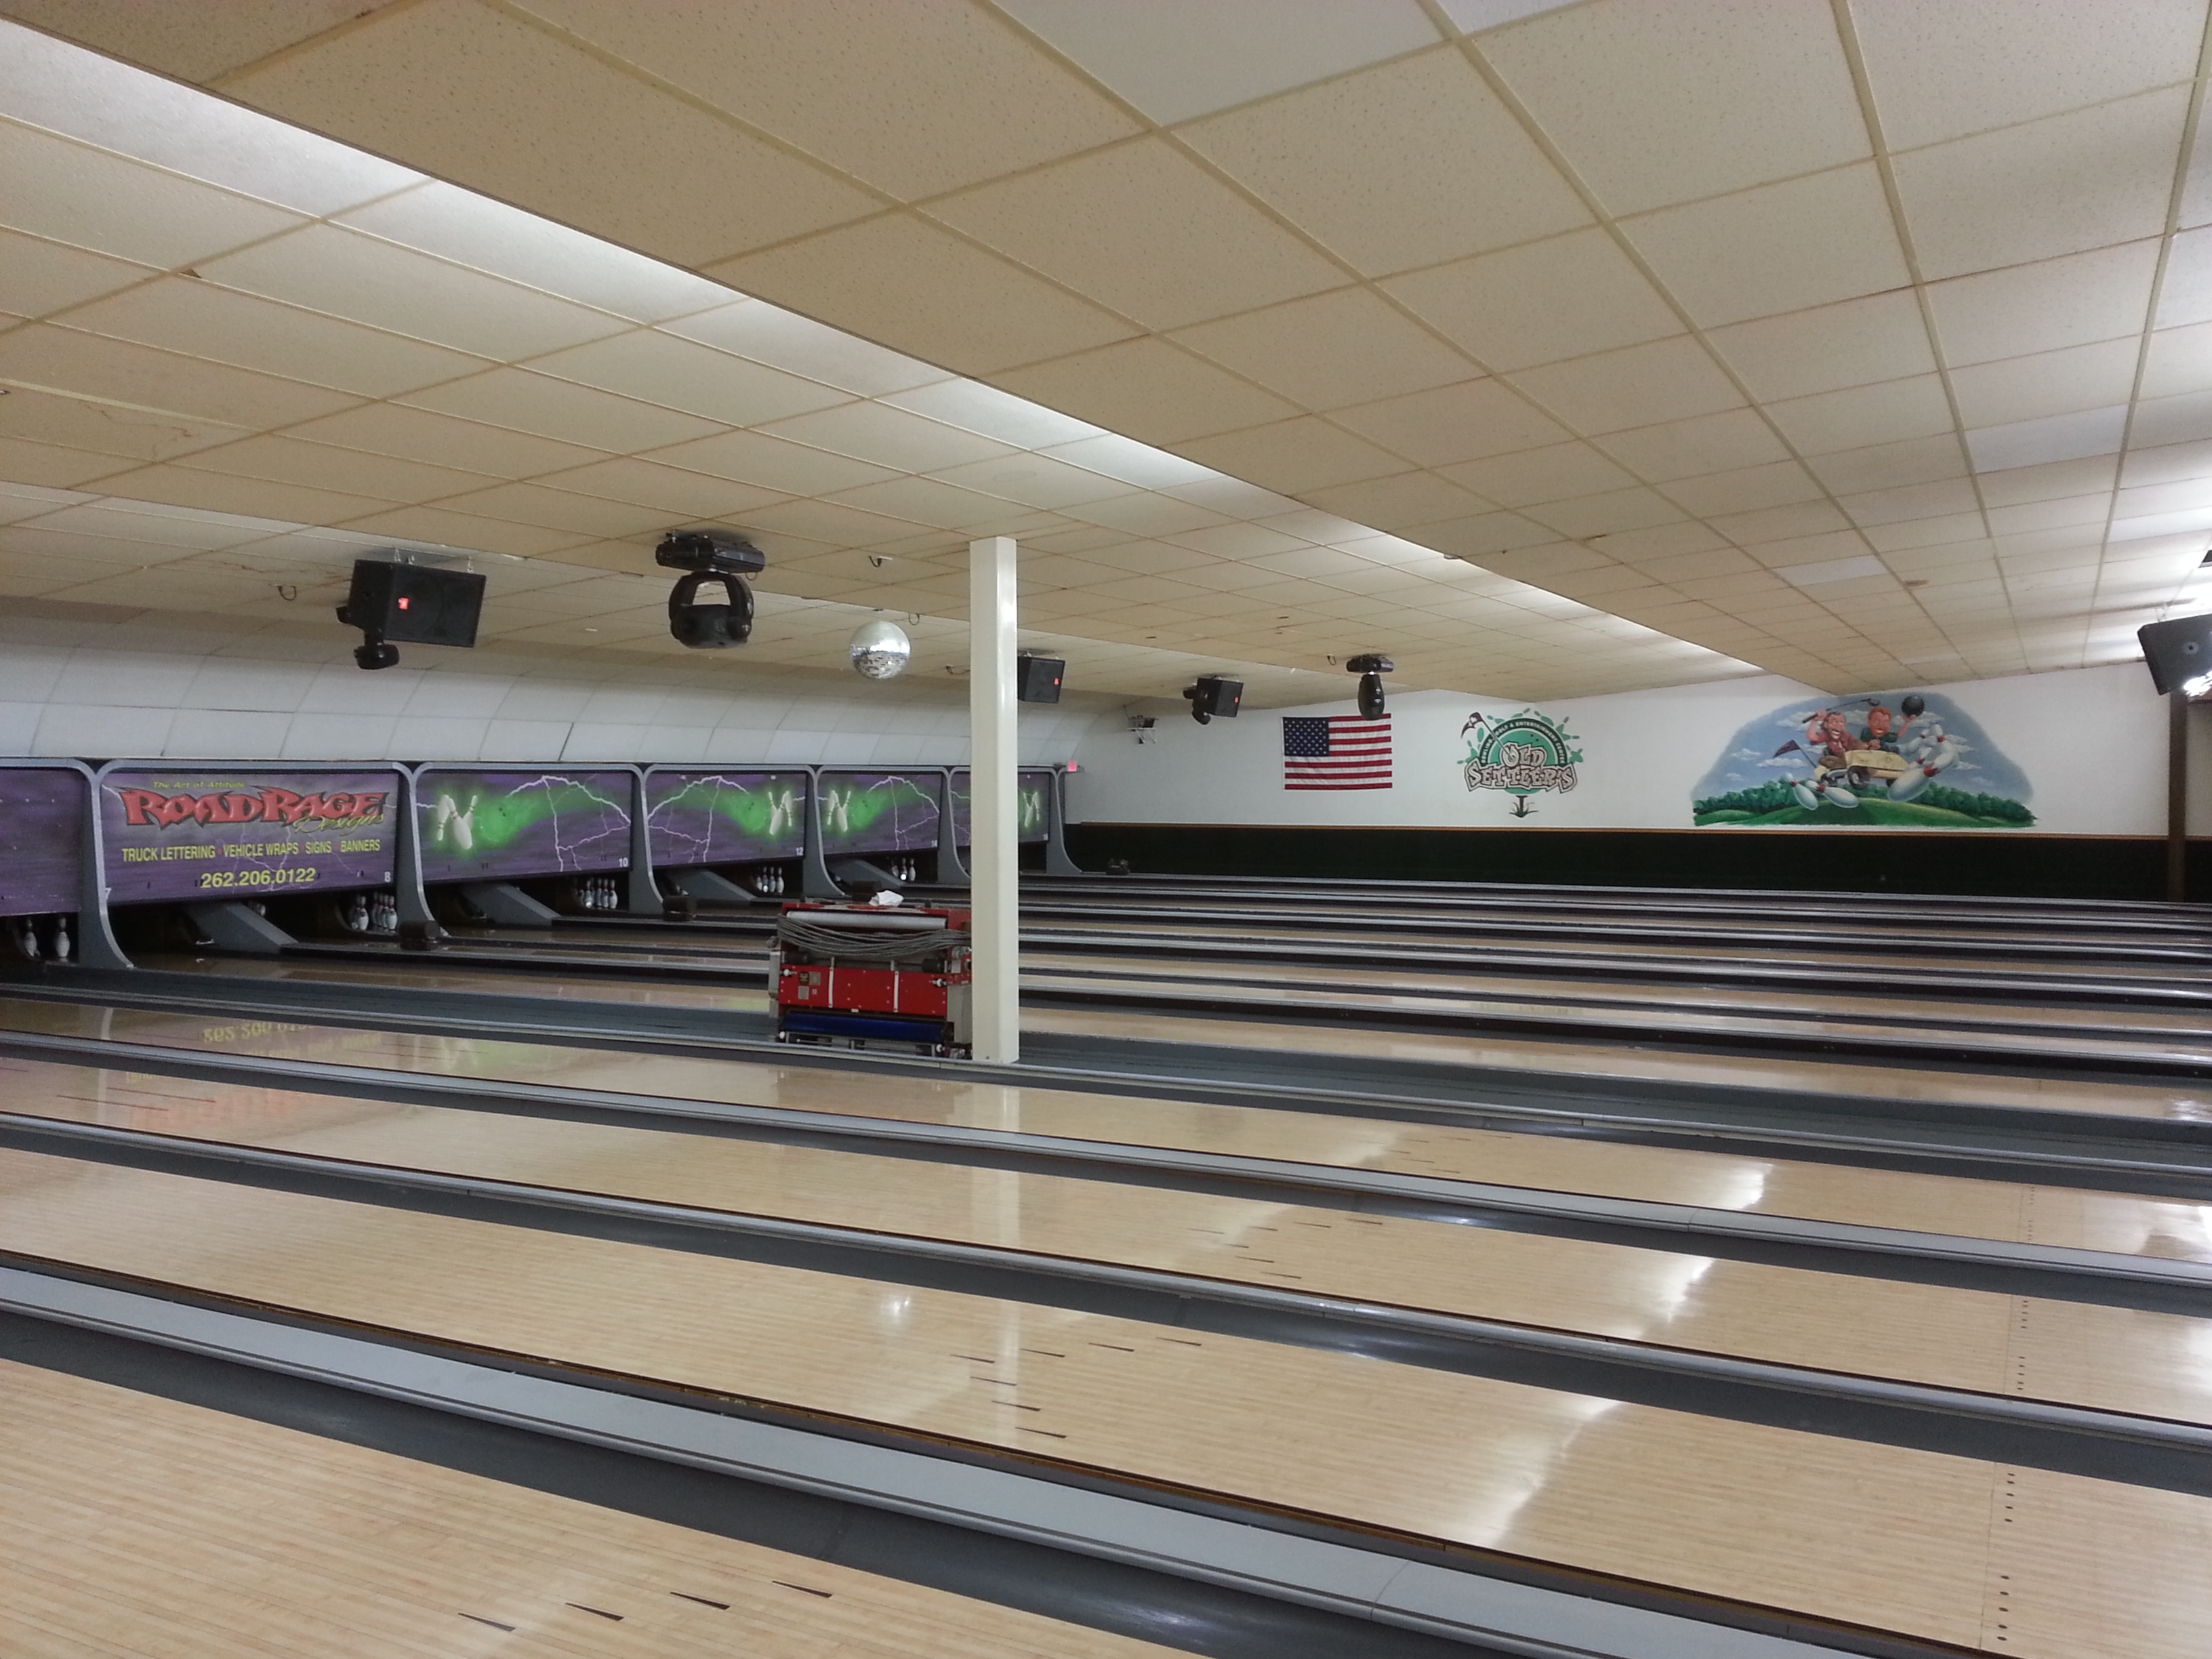 CJM_bowlingalley